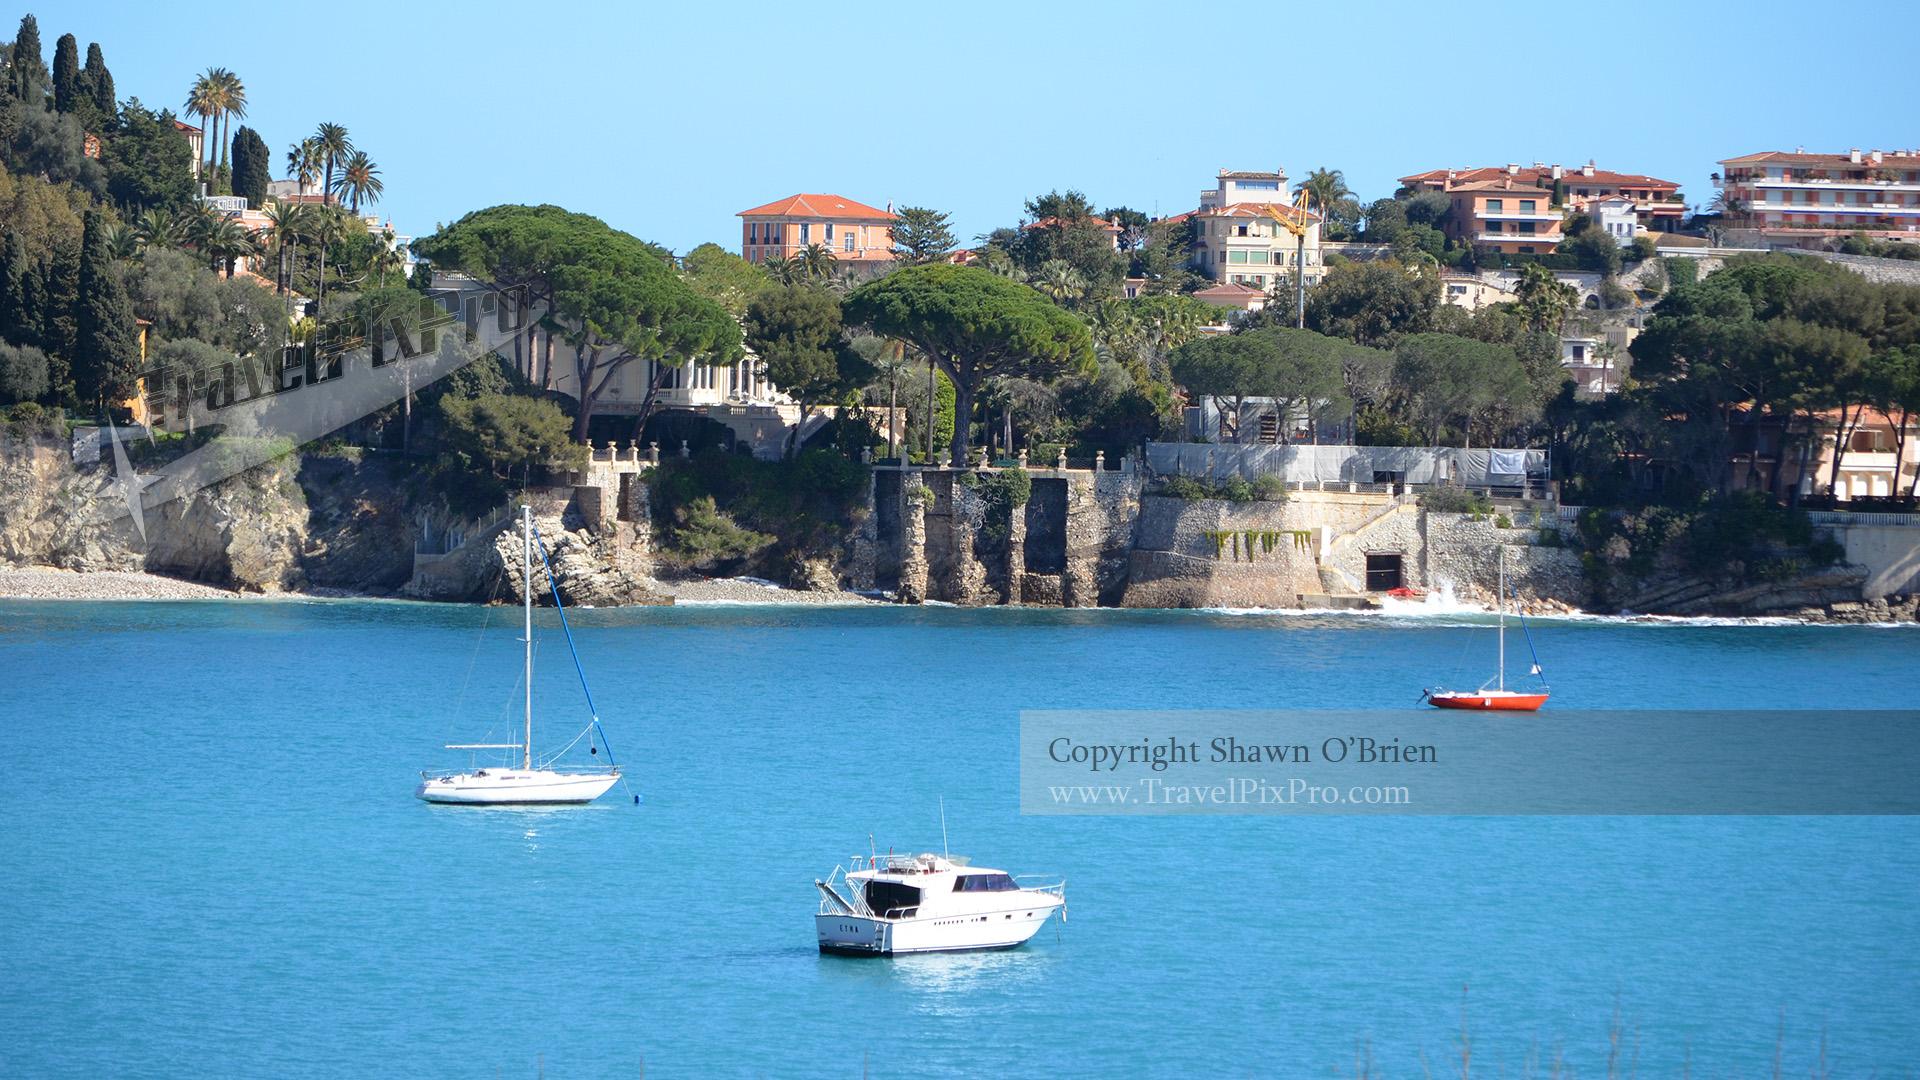 Boats on Cote d'Azur Villefranche